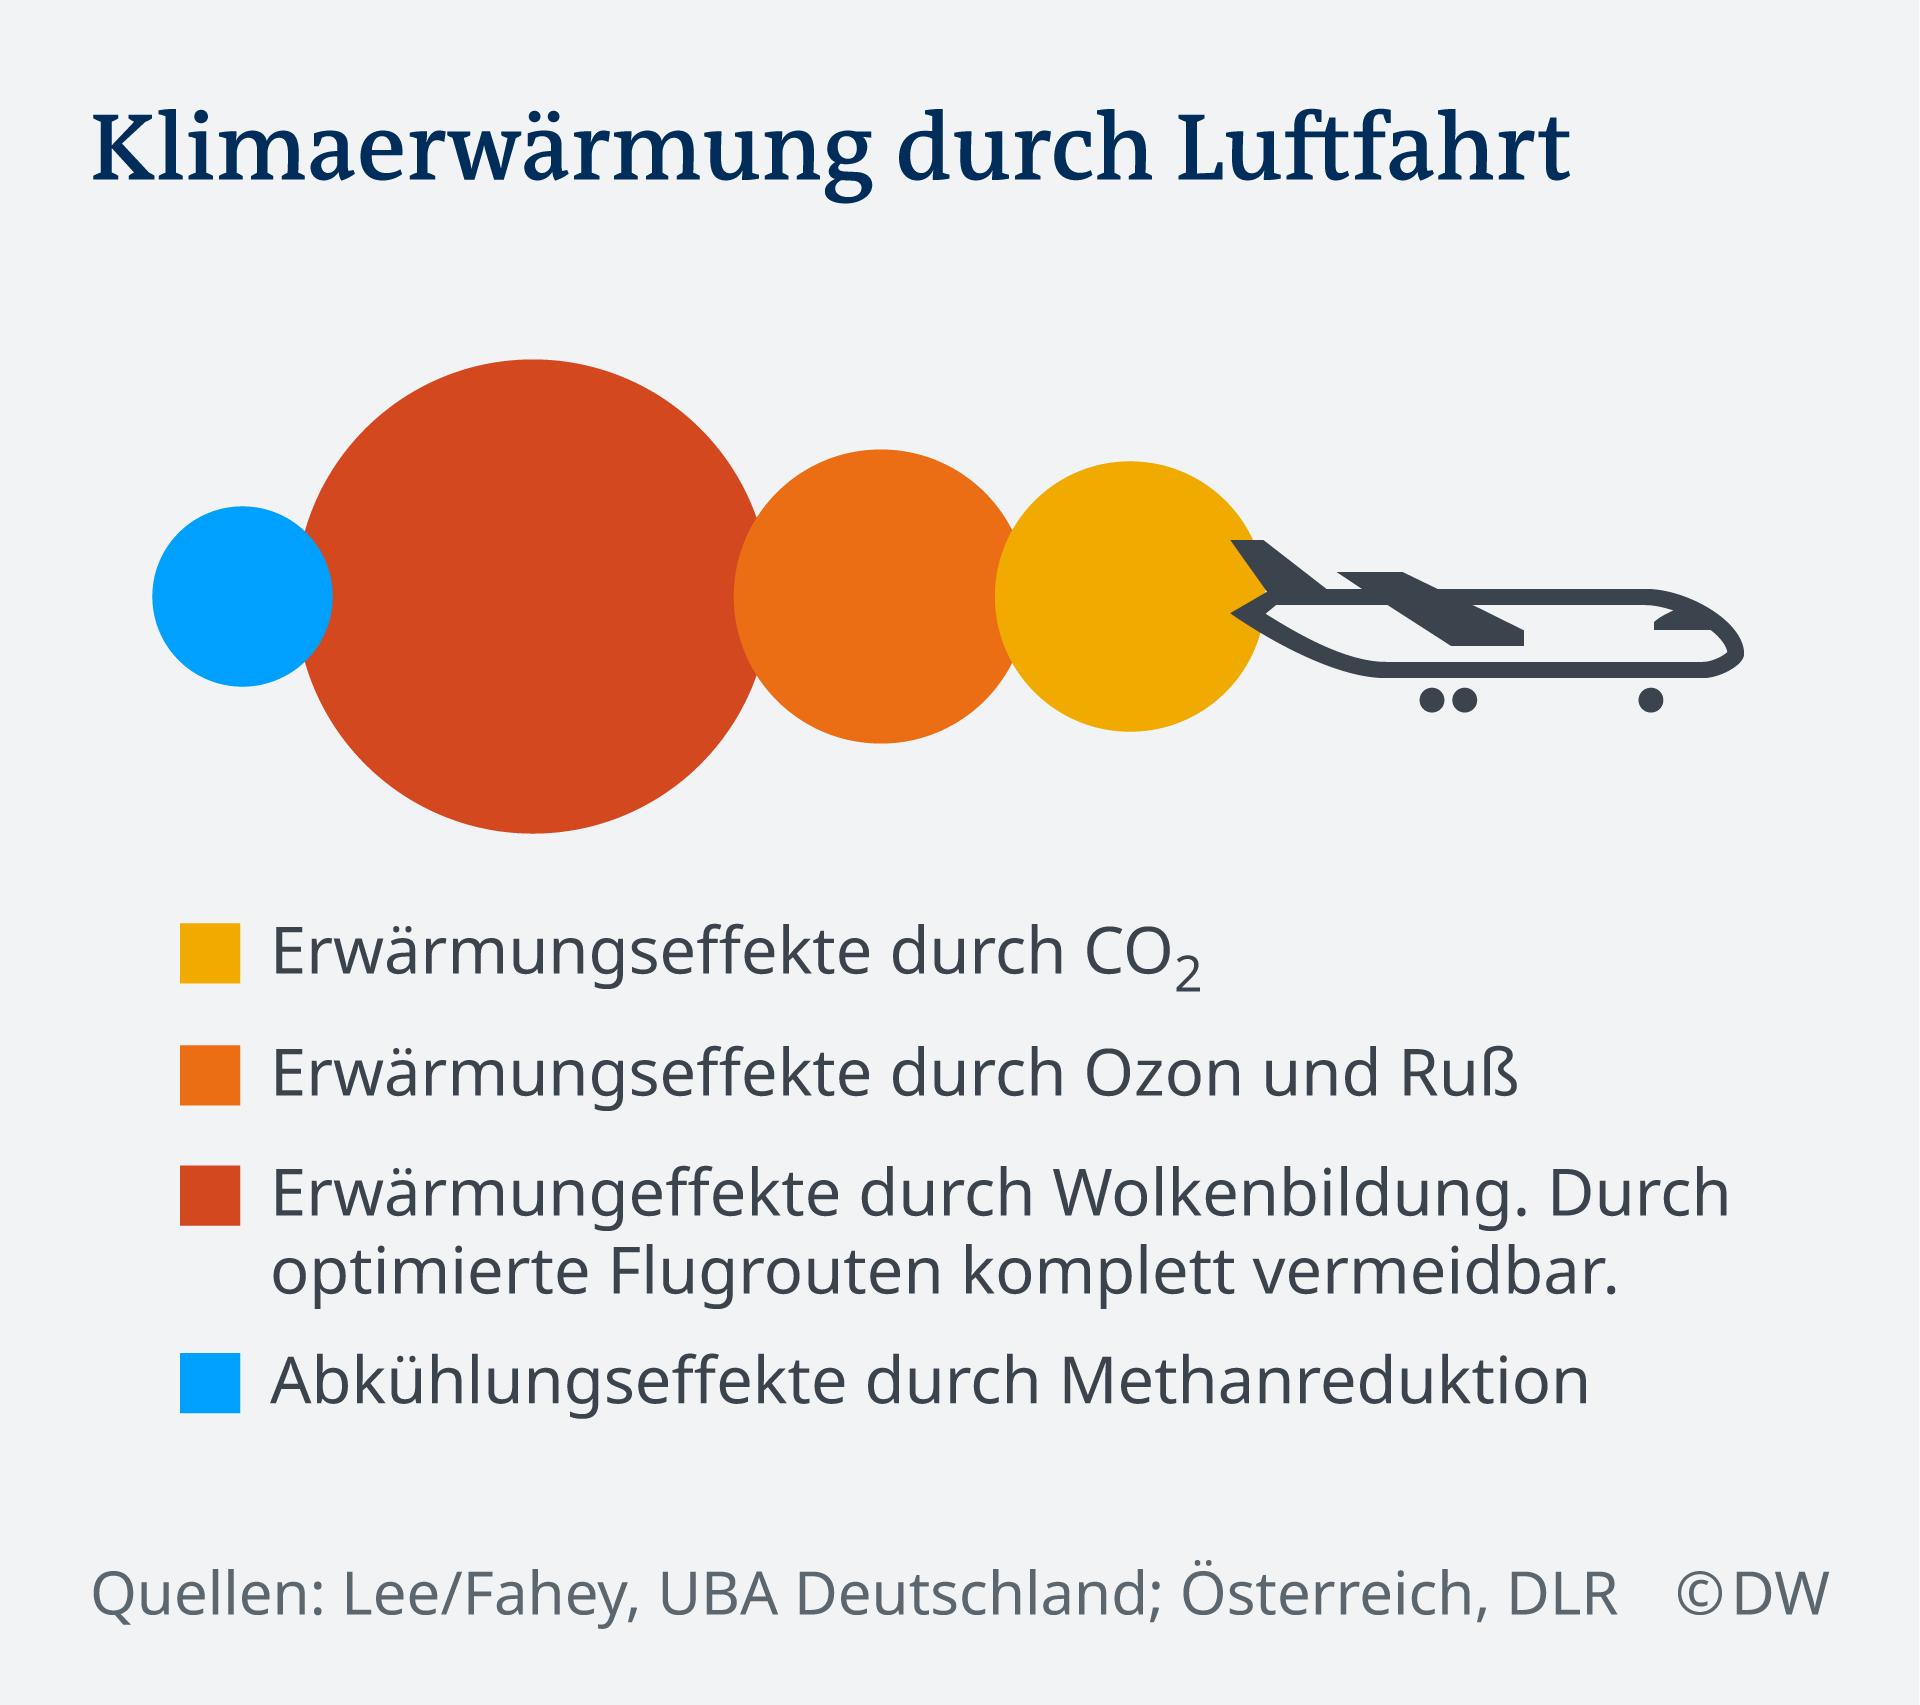 Zagrijavanje klime izazvano zračnim prometom